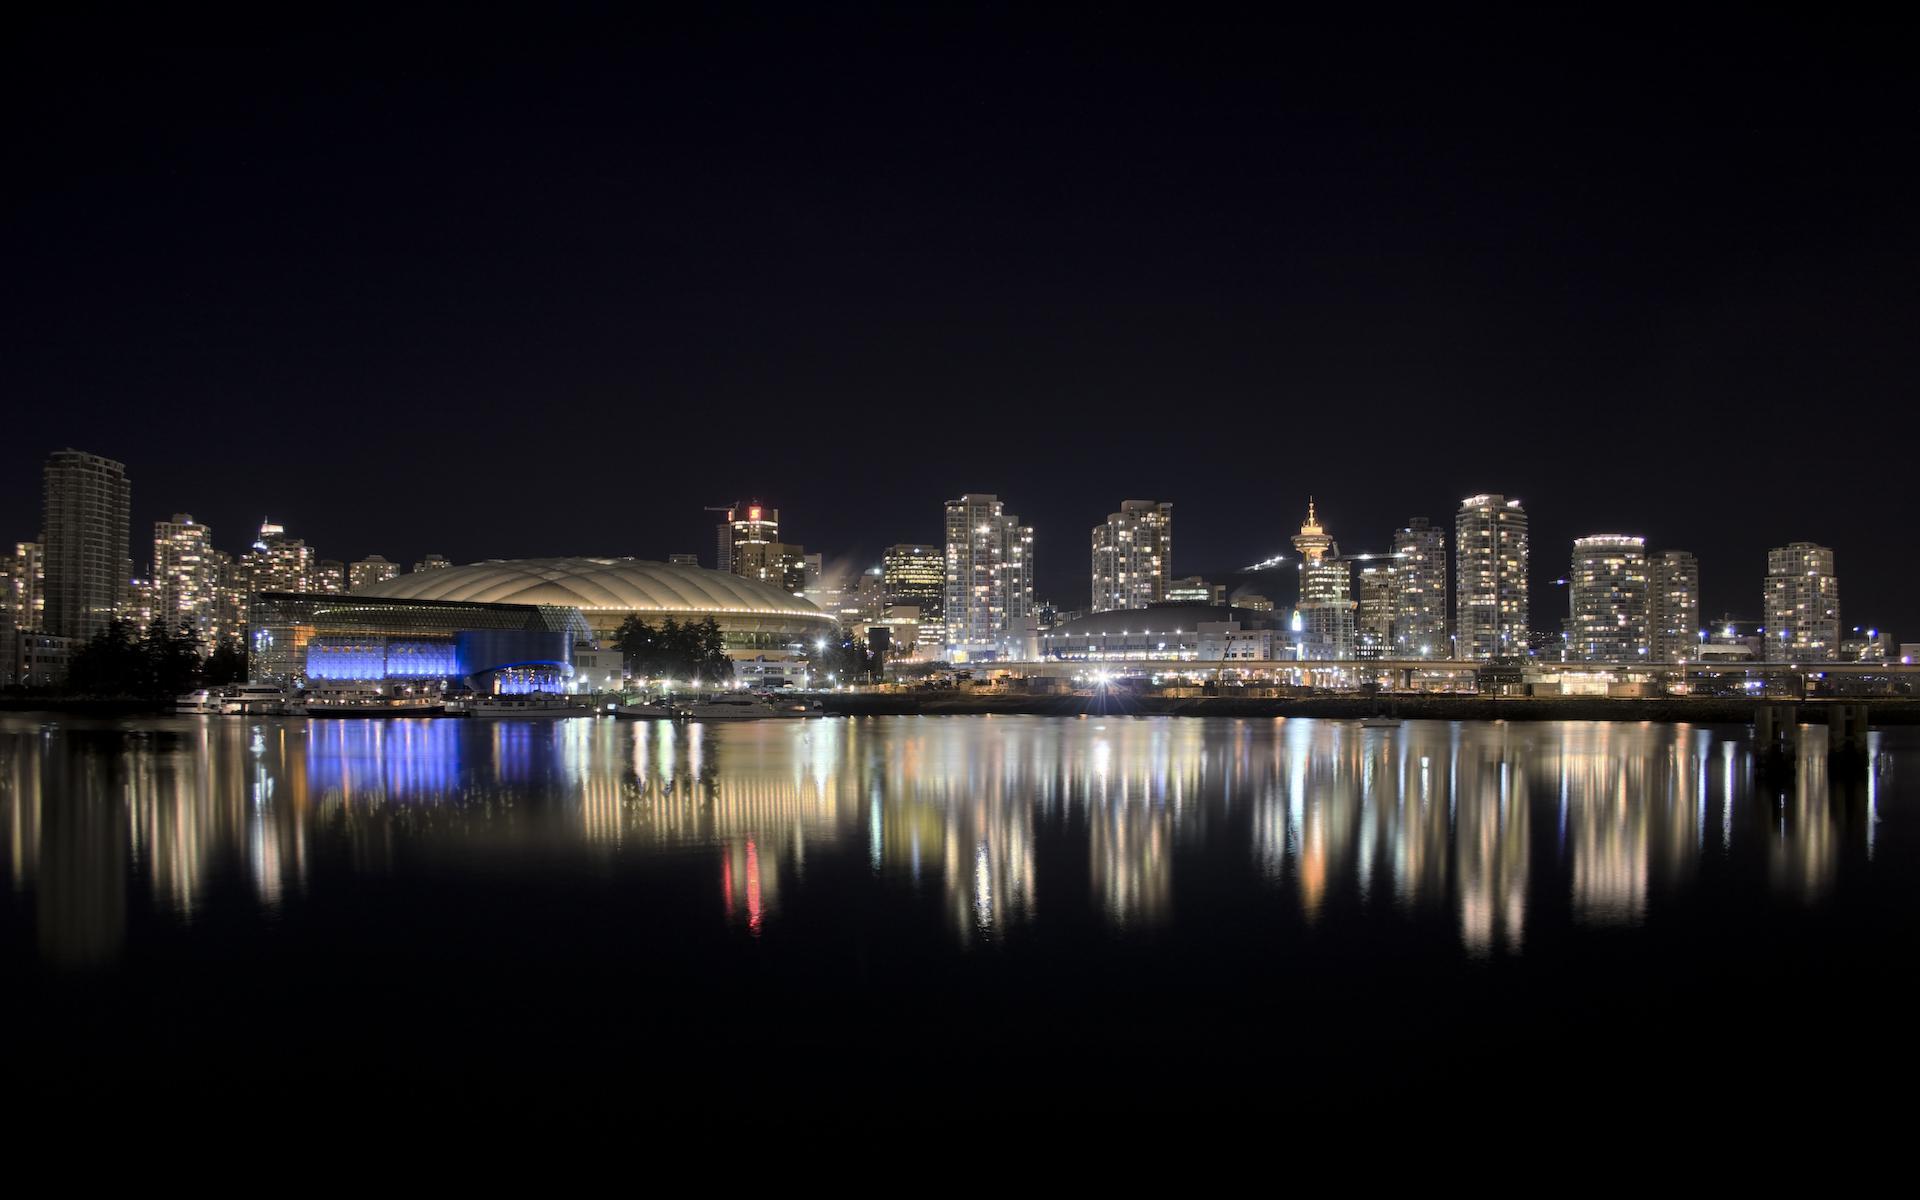 Города красивый ночной город 1920x1200